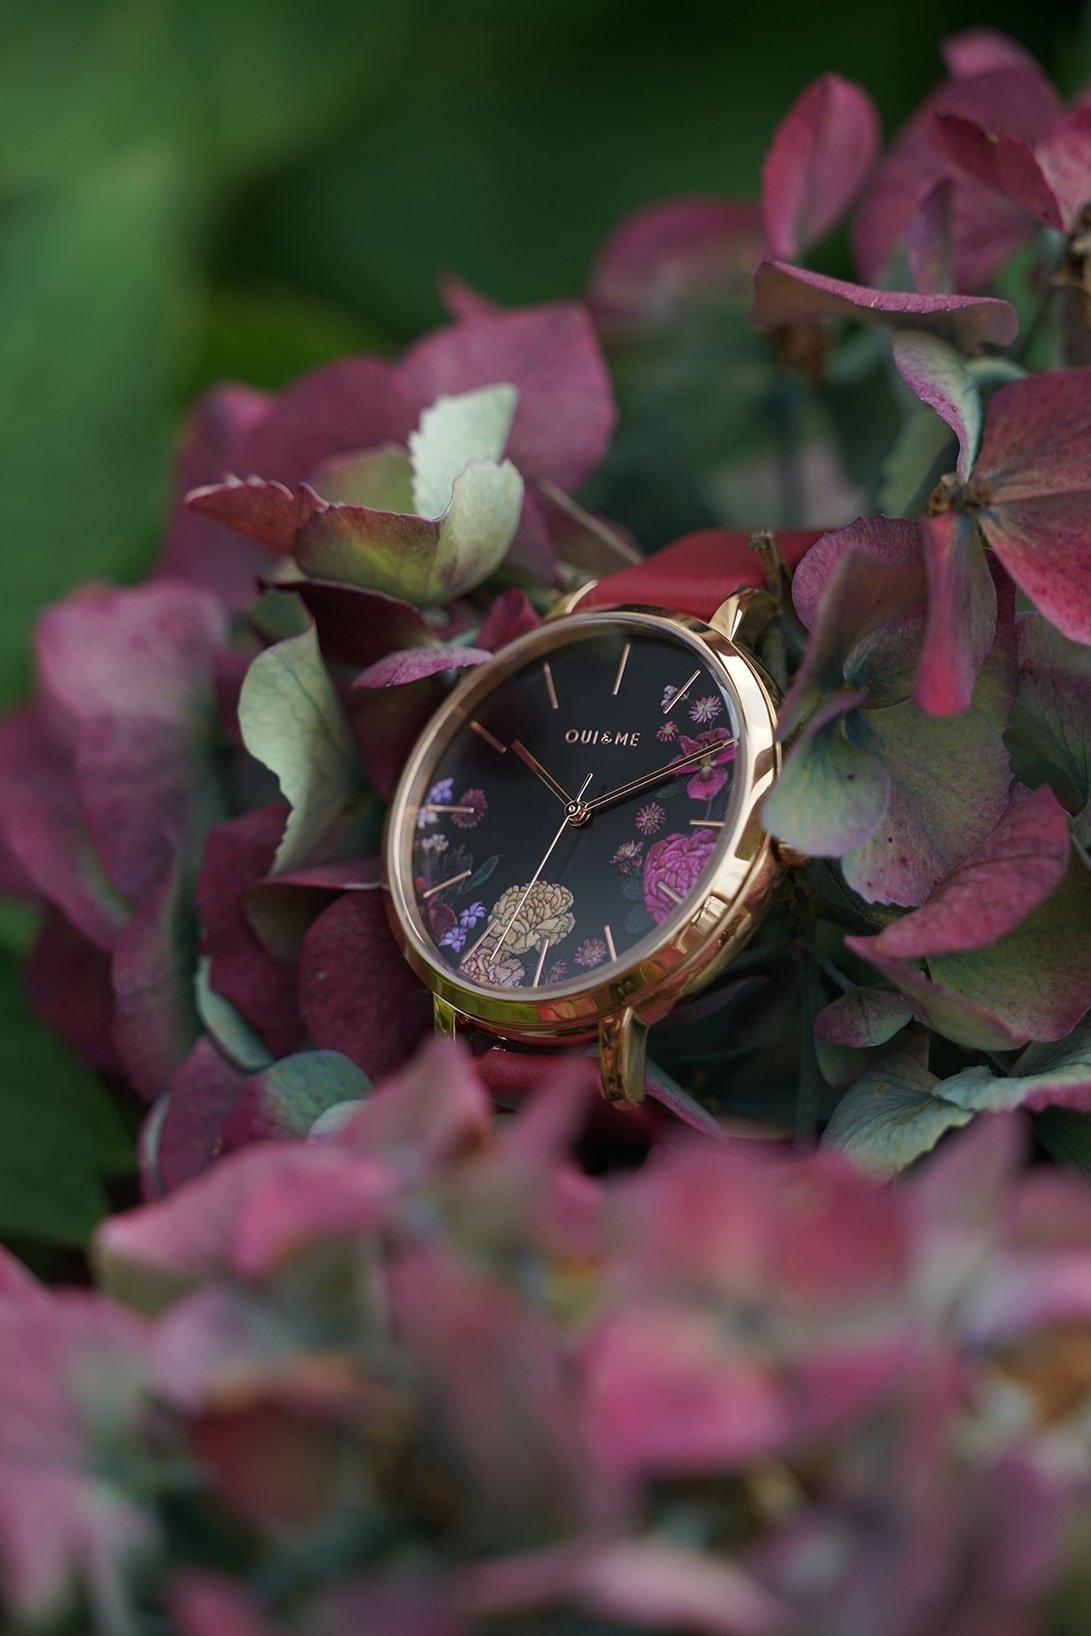 Kwiatowy zegarek Oui&Me